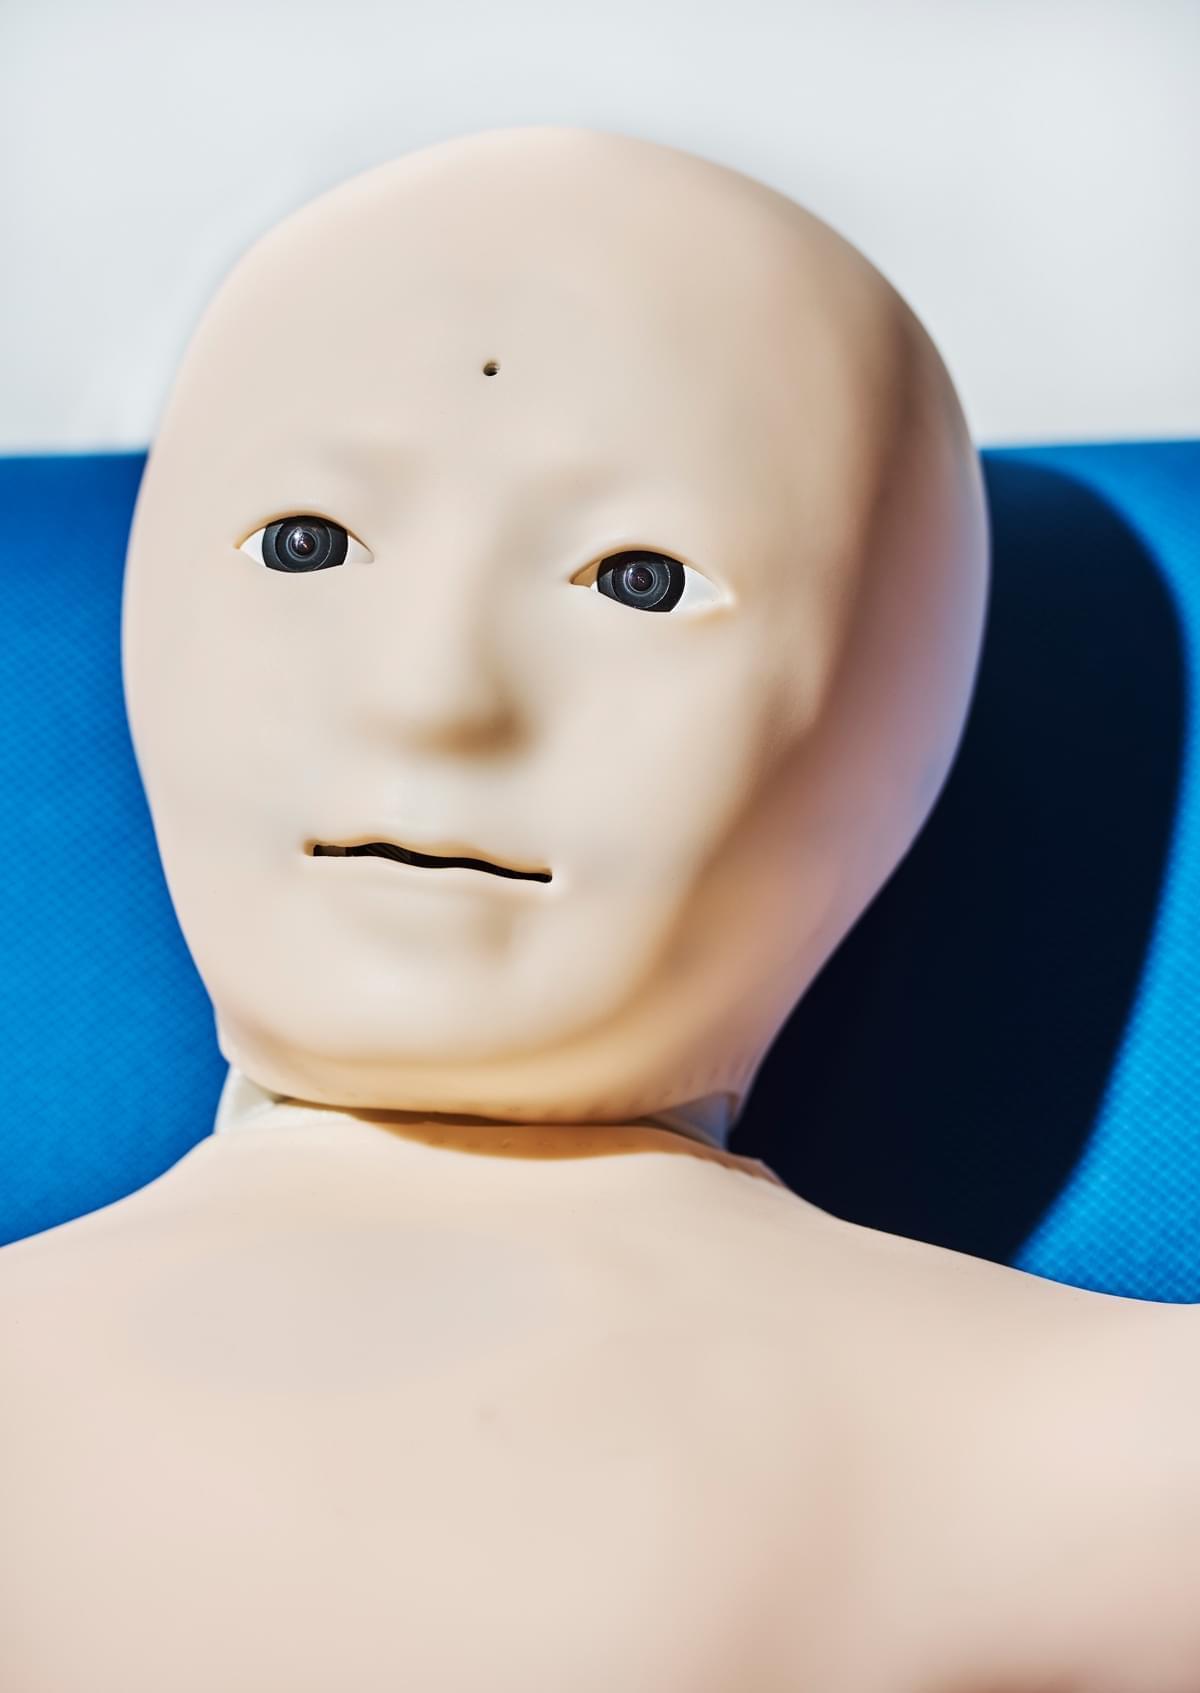 人与机器人:你对现实中的第三类接触做好准备了吗?